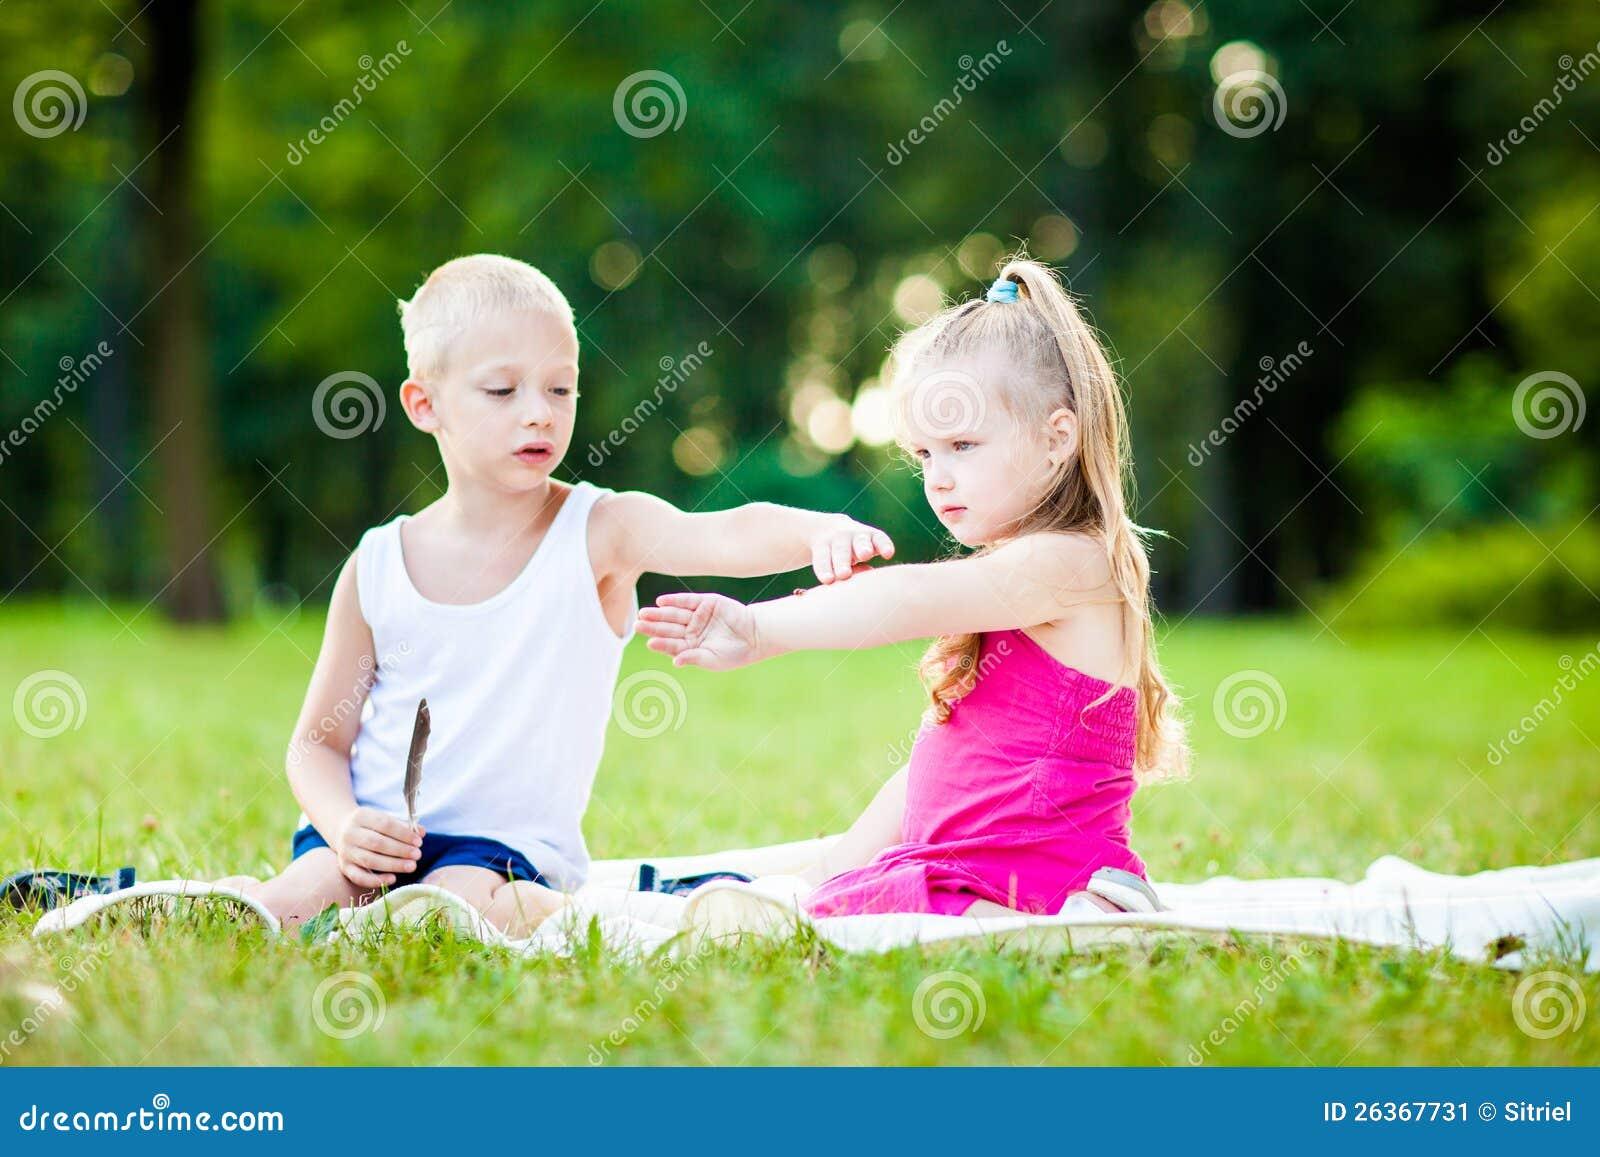 Chłopiec i dziewczyna z ladybird w parku